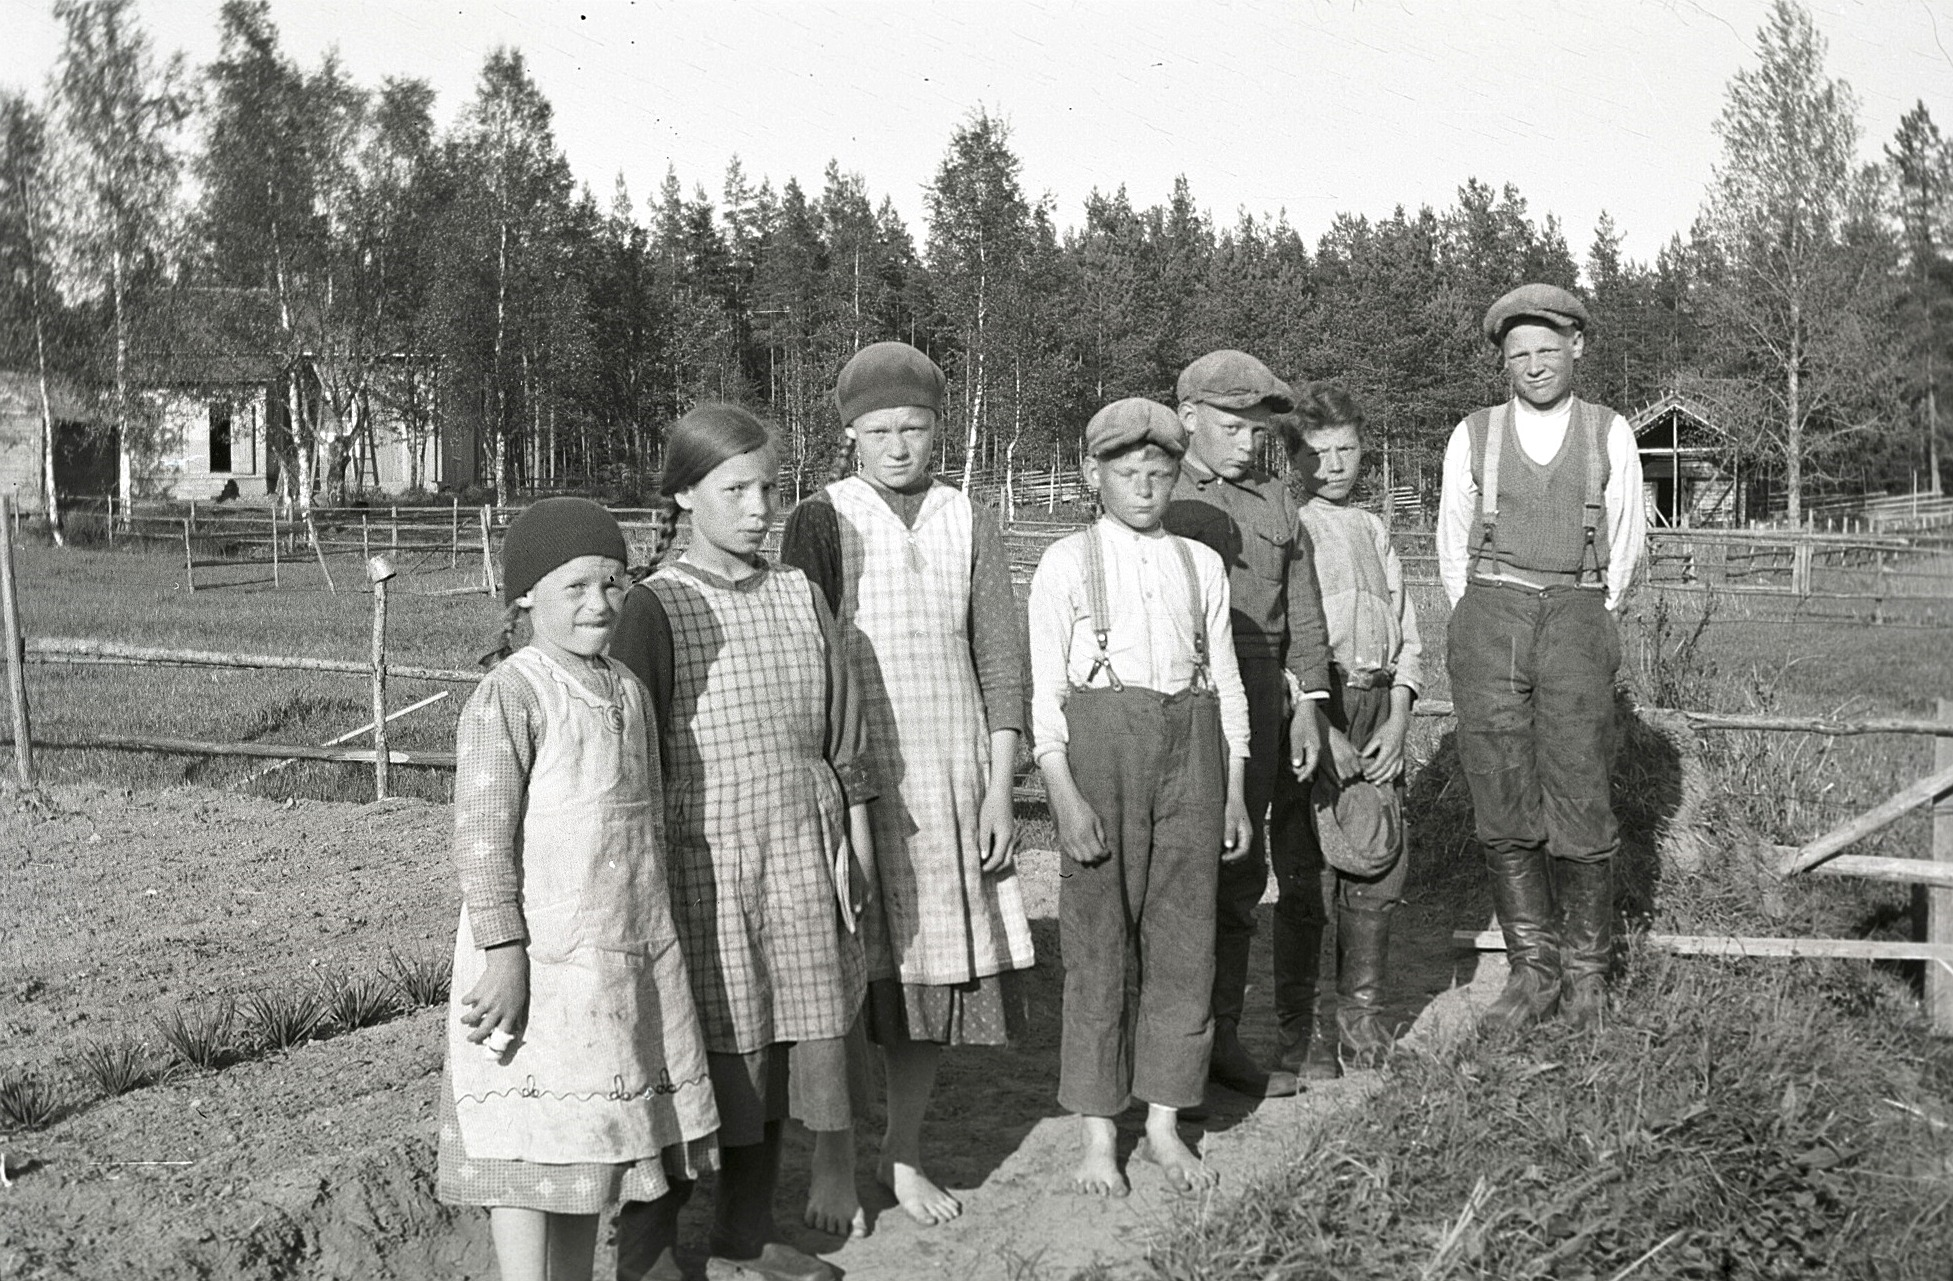 Barnen uppe i Norrviken står på rad, från vänster Dagny Lillsjö, Ragni Lillsjö, Ines Norrvik, Egil Norrvik, Elgot Norrvik, Olof Lillsjö och Edvin Norrvik. Lillsjös hemgård syns till vänster.